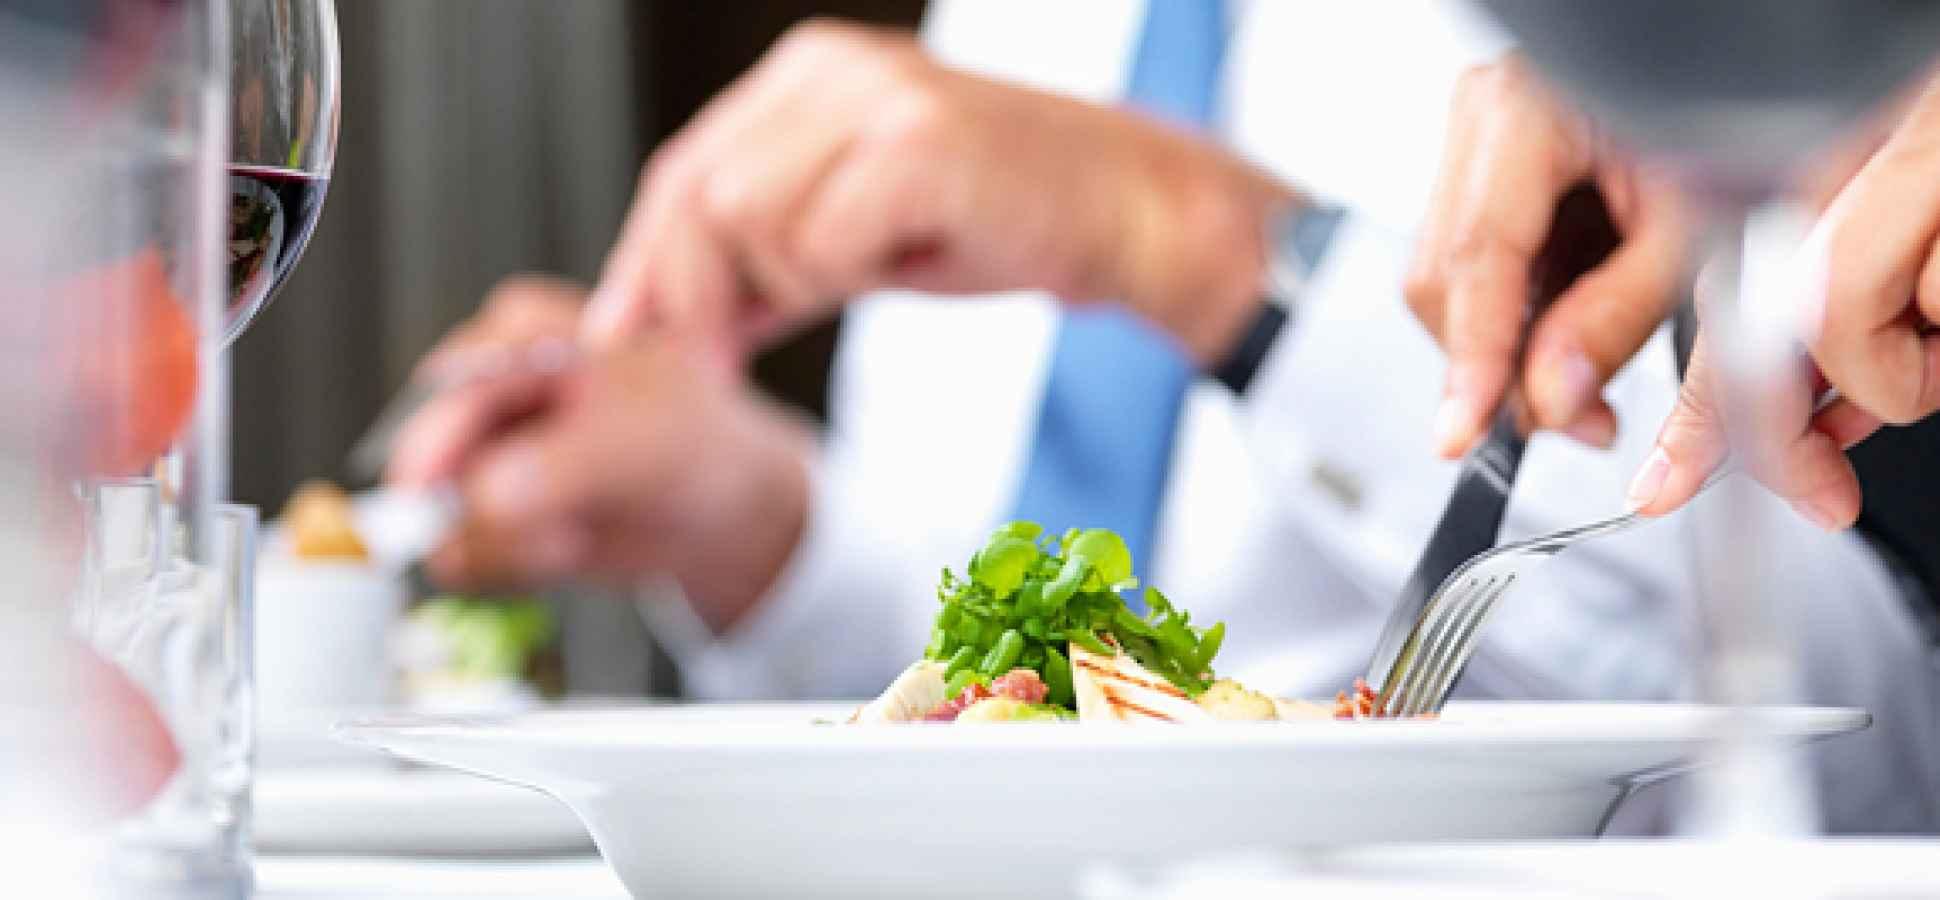 Business Lunch Etiquette: 8 Rules | Inc com